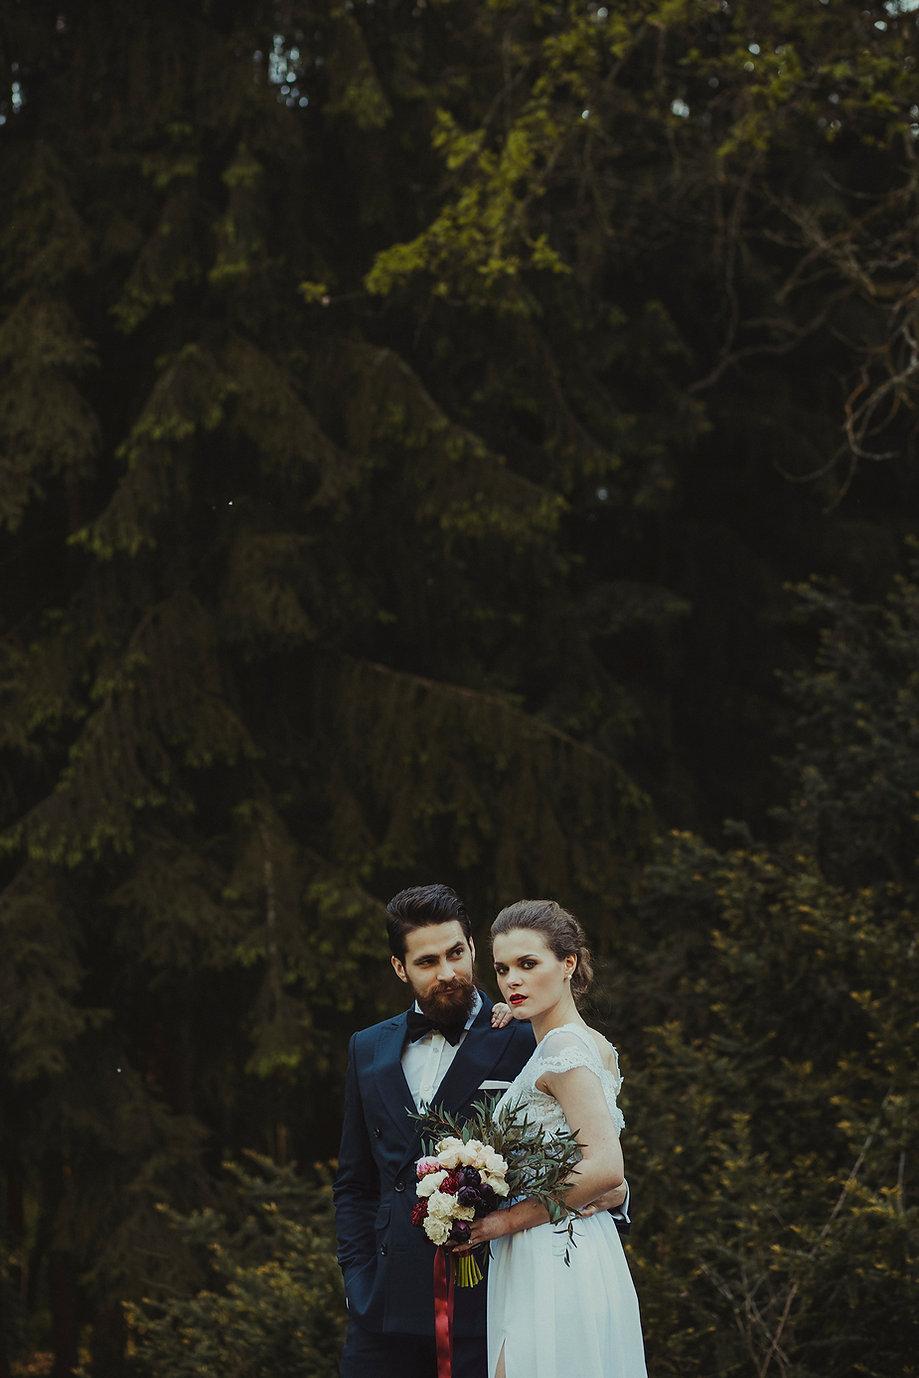 slow wedding warszawa, rustykalny ślub, fotograf ślubny warszawa, para młoda, bukiet ślubny, ślub w plenerze, reportaż ślubny